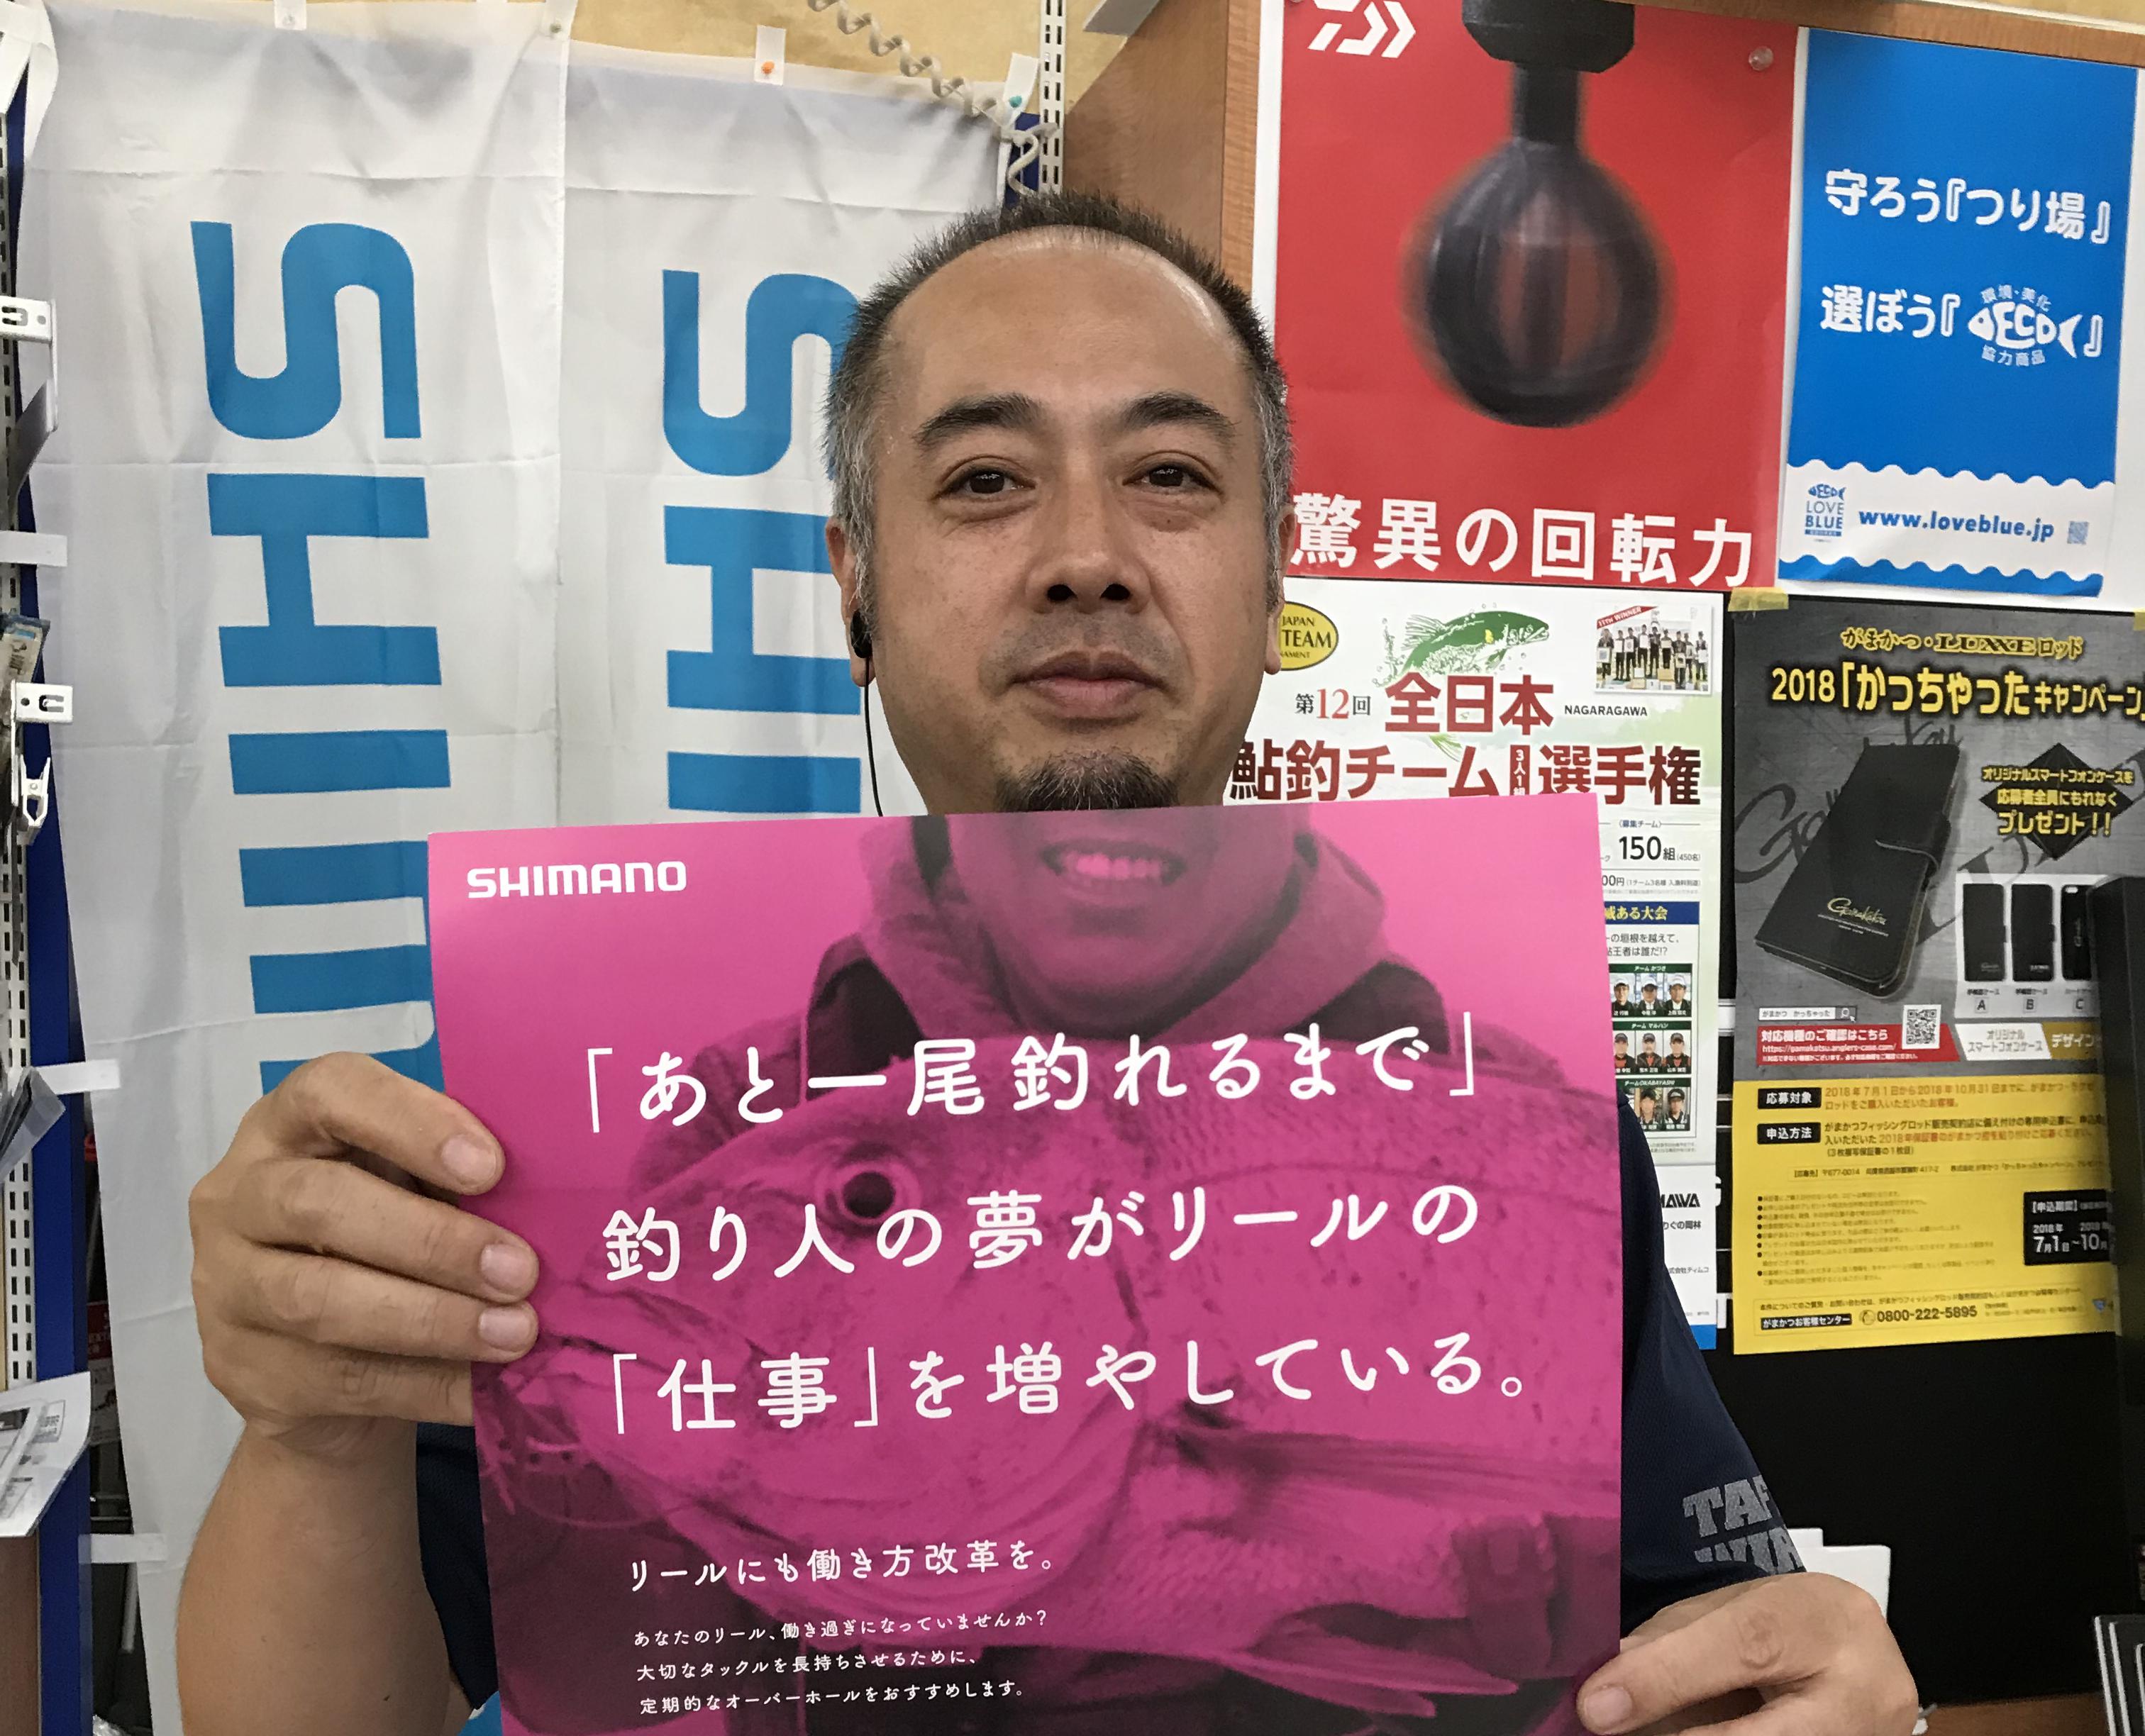 8月20日(月)〜9月21日(金)迄!シマノ『両軸・電動リールオーバーホールキャンペーン』